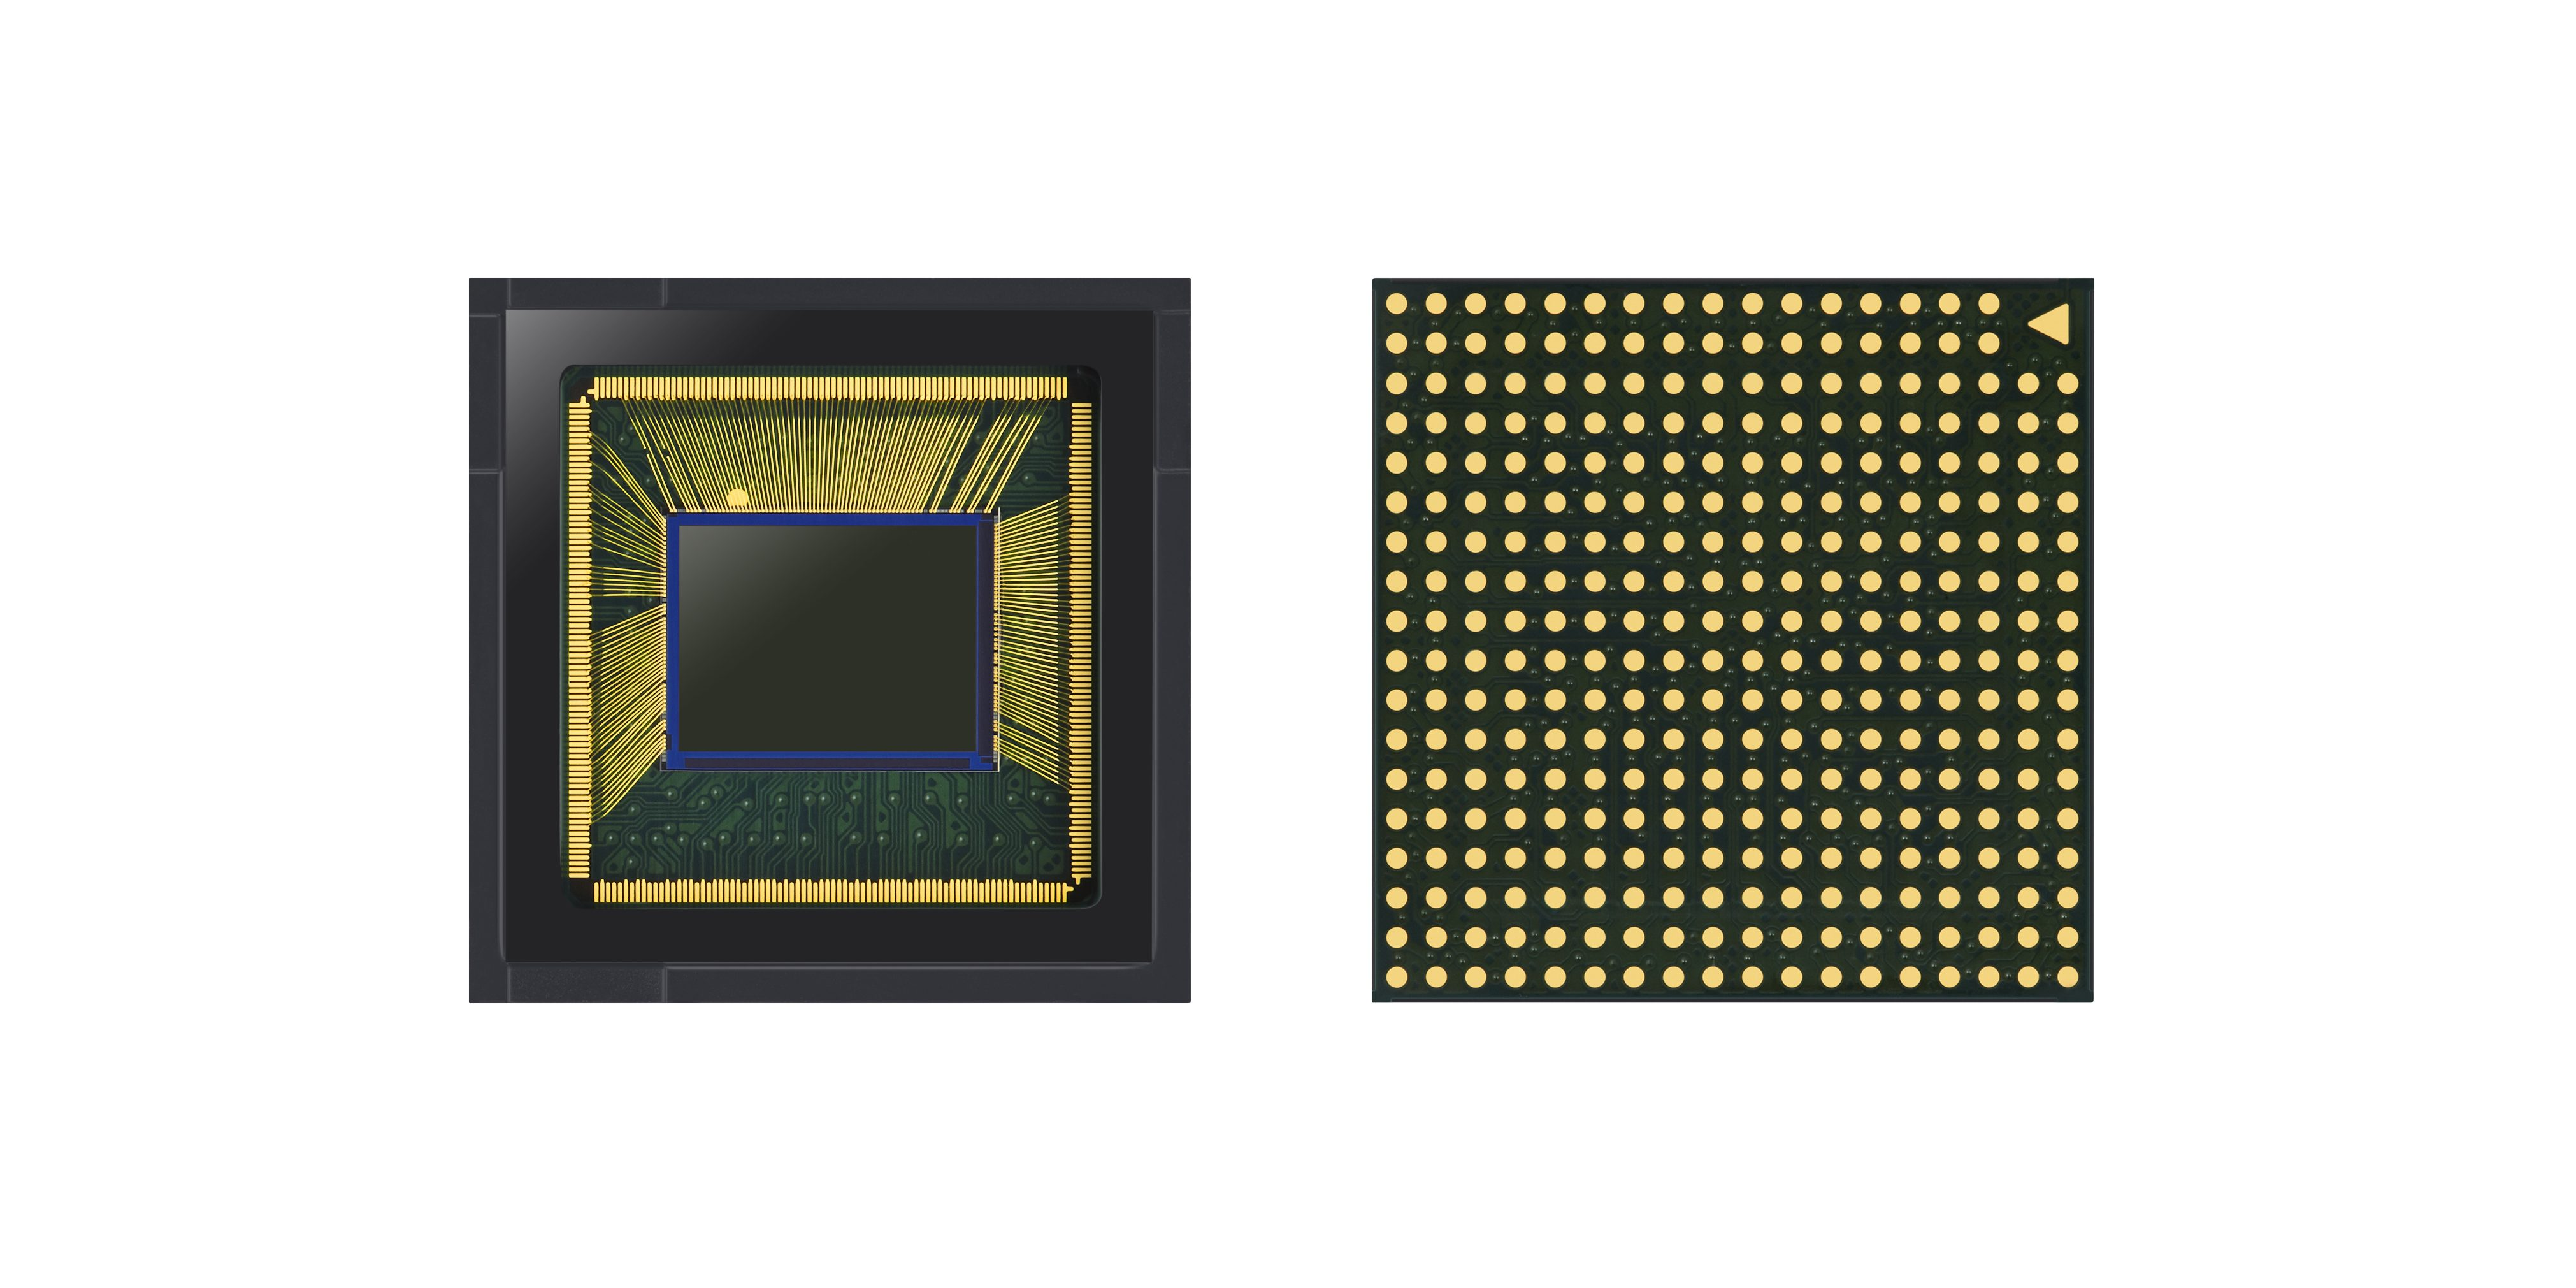 Samsung rozwija się fotograficznie: oto nowy sensor 64 Mpix dla smartfonowych aparatów